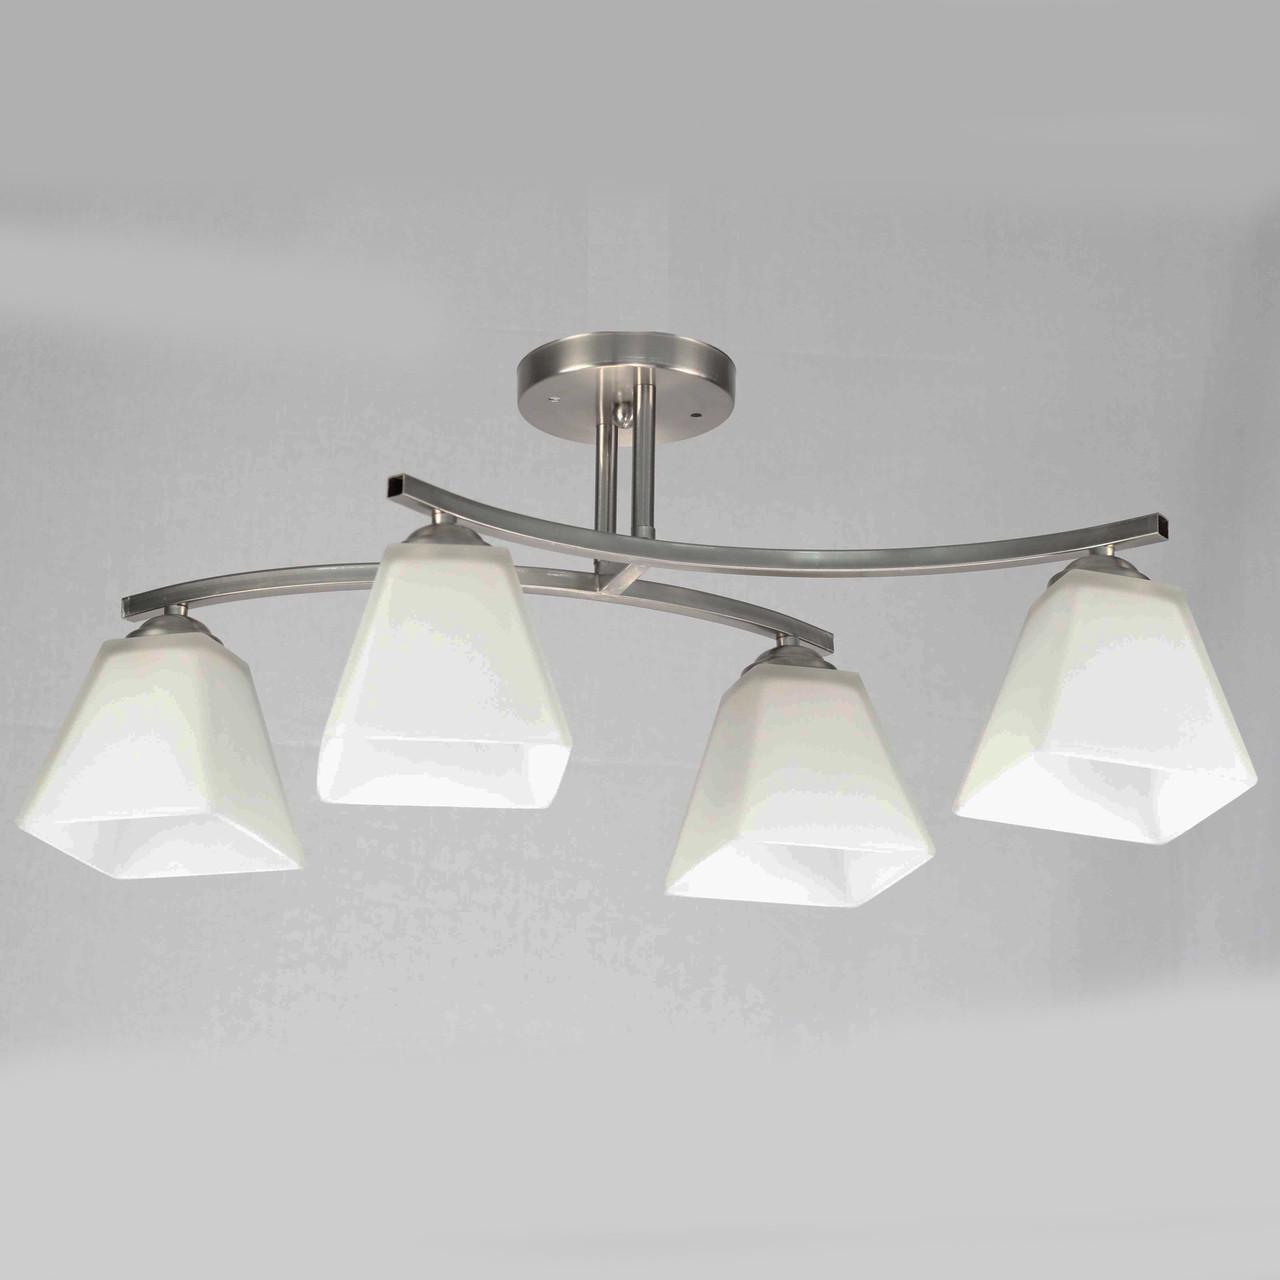 Люстра стельова на 4 лампи 29-A540/4 SN+WT